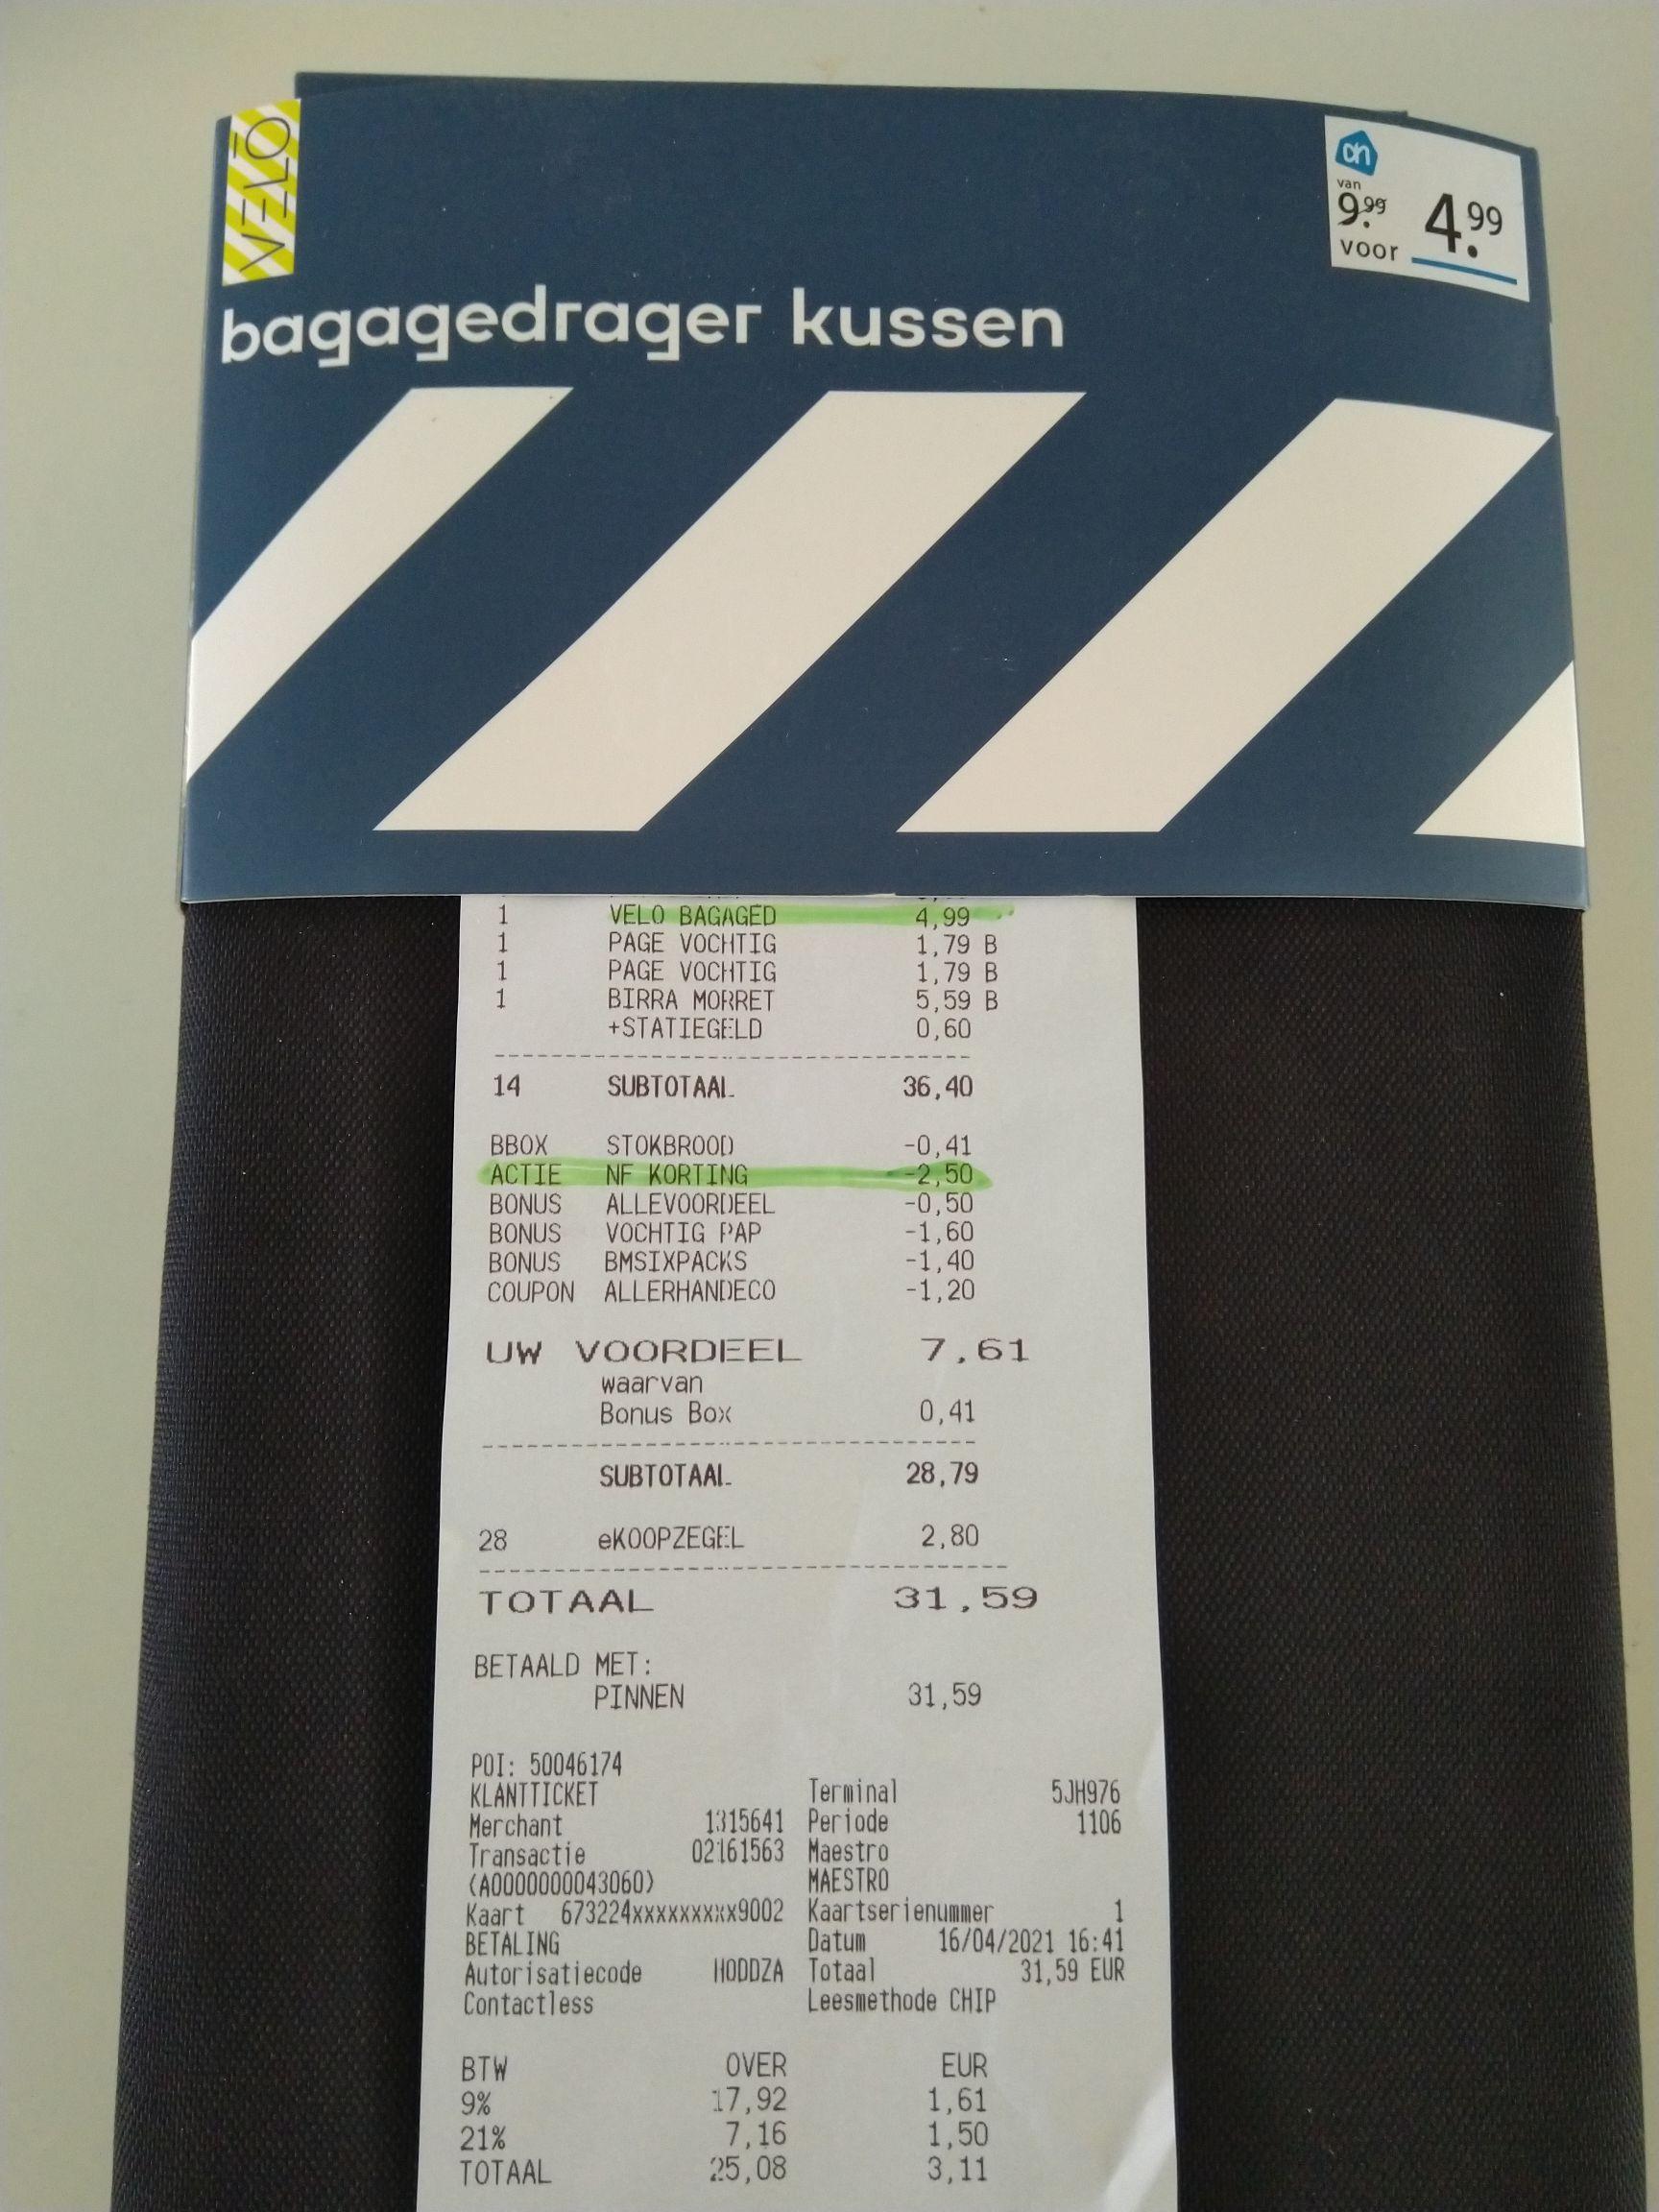 Fietslampjes en bagagedragerkussens van Velo 50% extra afgeprijsd bij Albert Heijn (lokaal?)